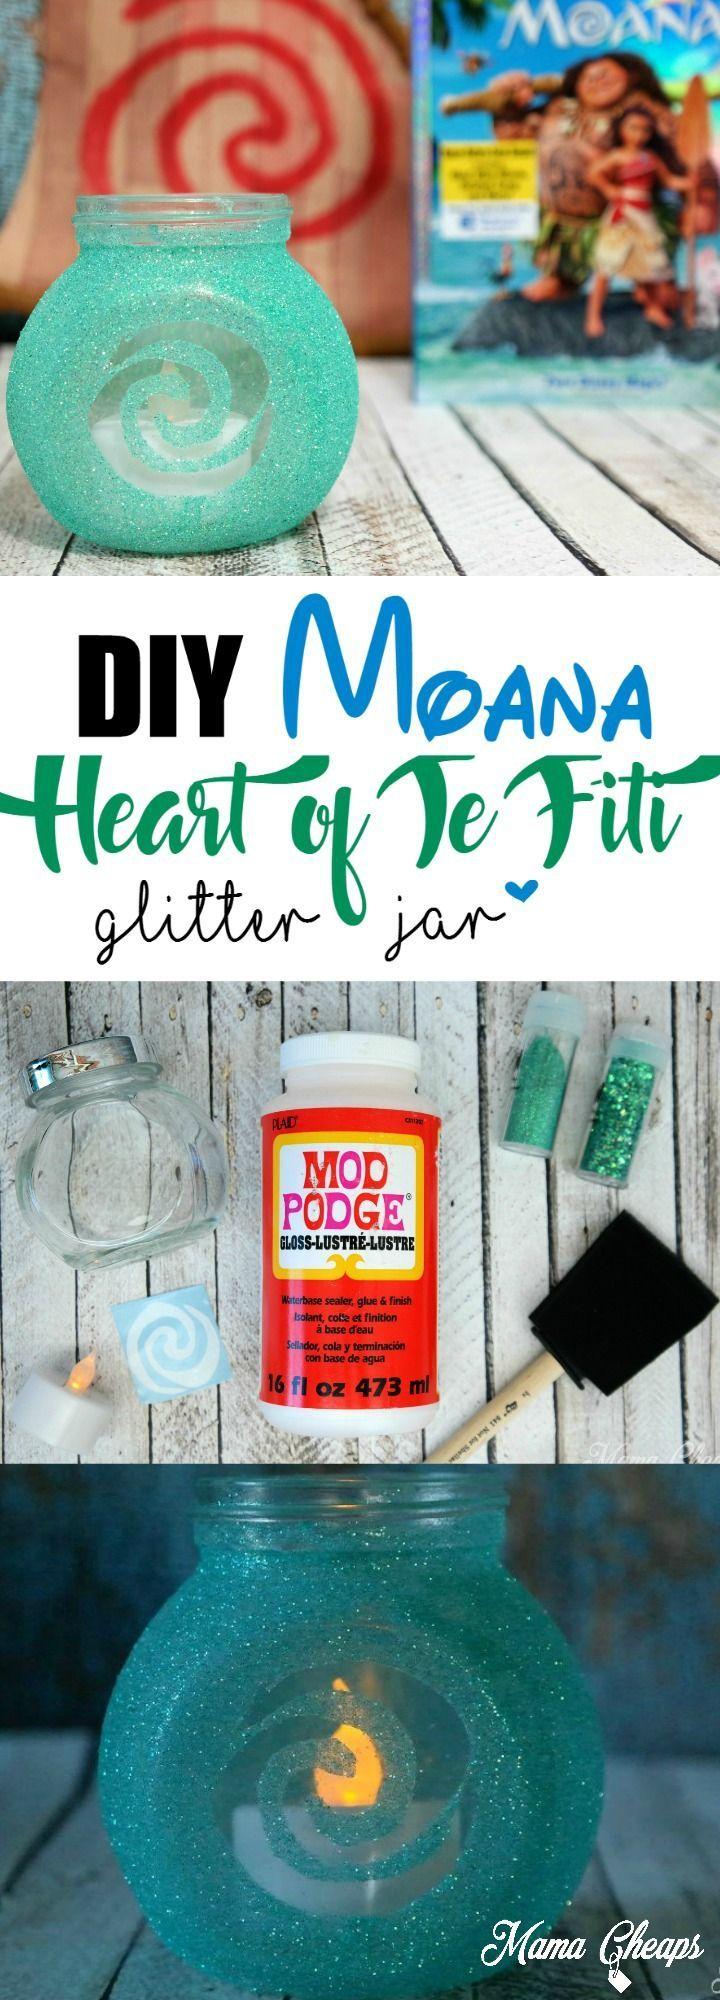 DIY Moana Heart of Te Fiti Glitter Jar Craft | Mama Cheaps